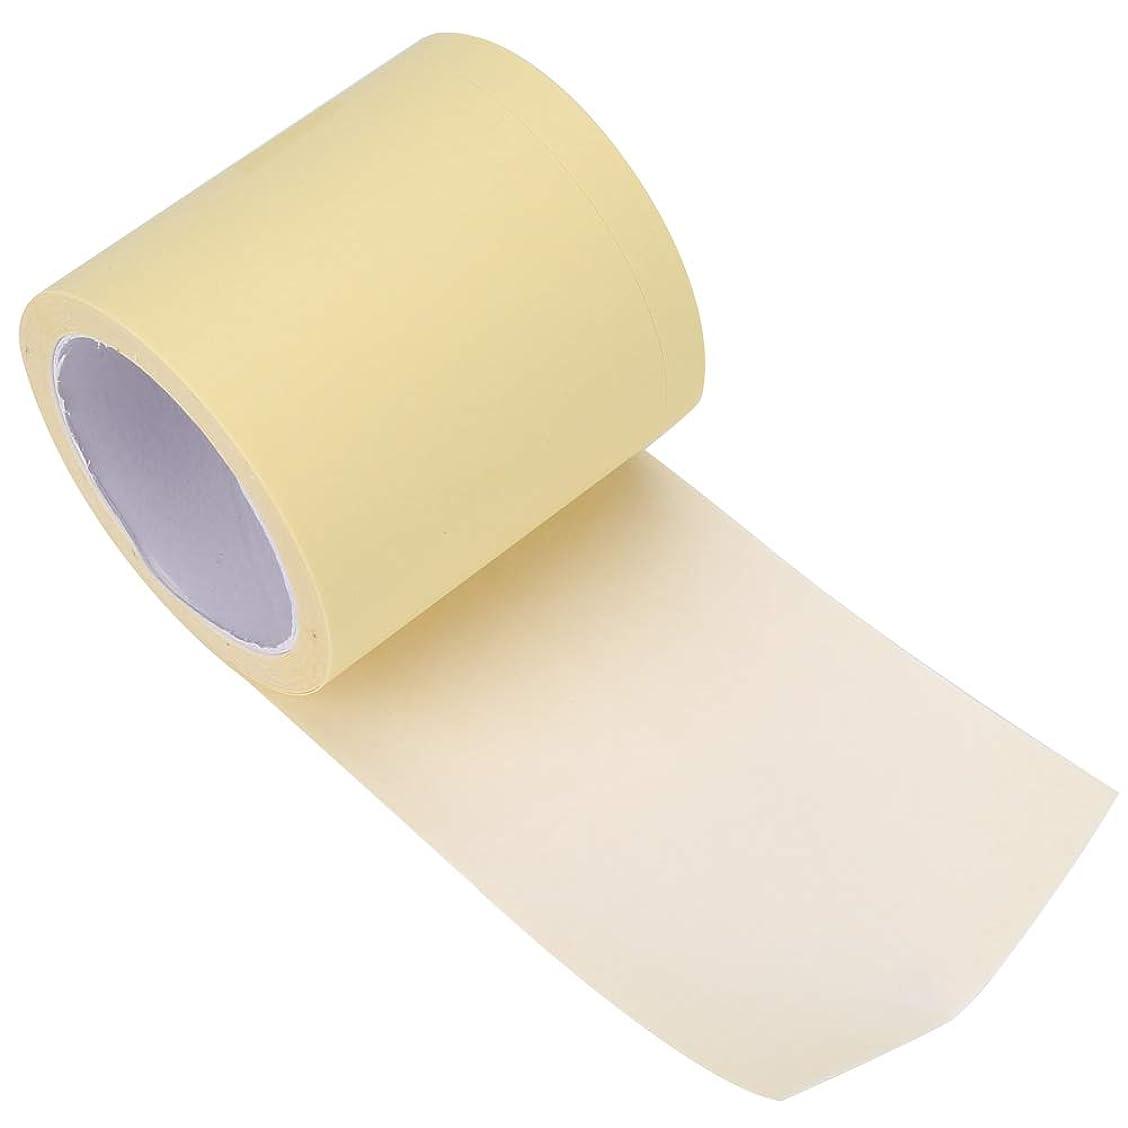 ピクニックをする立方体詳細に極薄0.012 mm 脇パッド 脇の下 汗止めパッド 肌に優しい 抗菌加工 防水性 男女兼用 透明 長さ600 cm